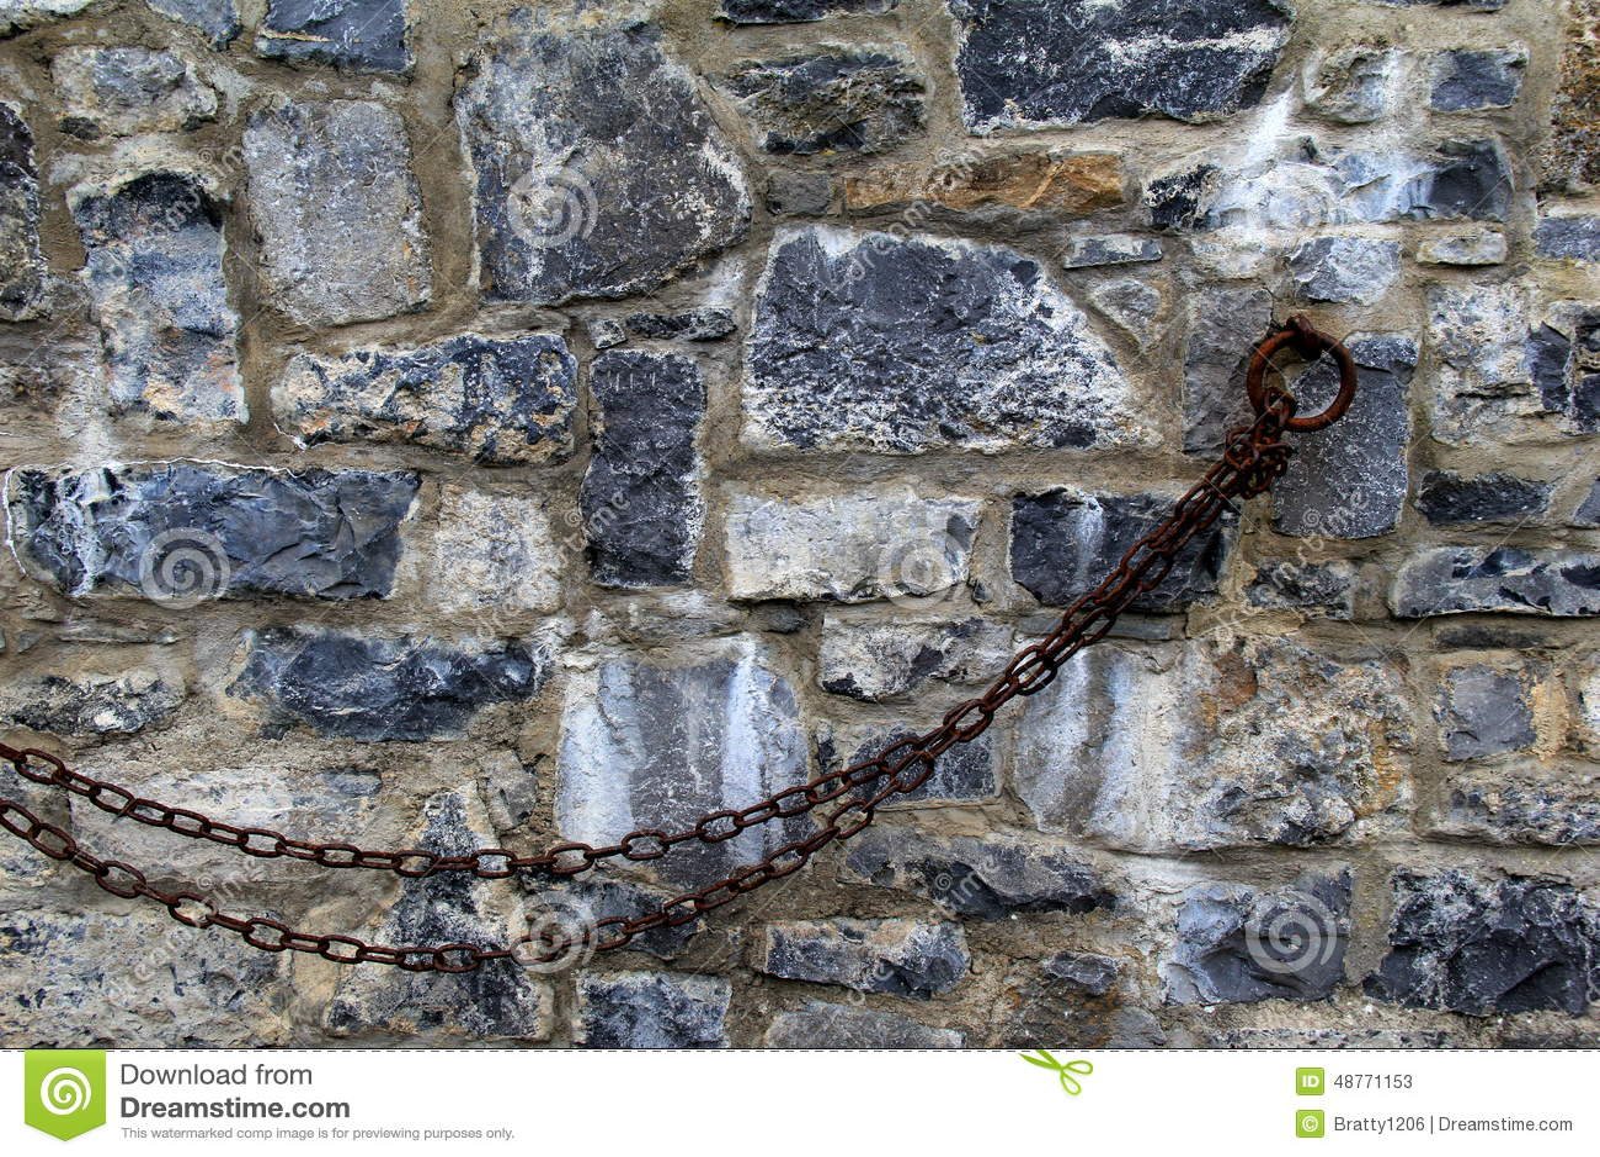 stone wall hooks